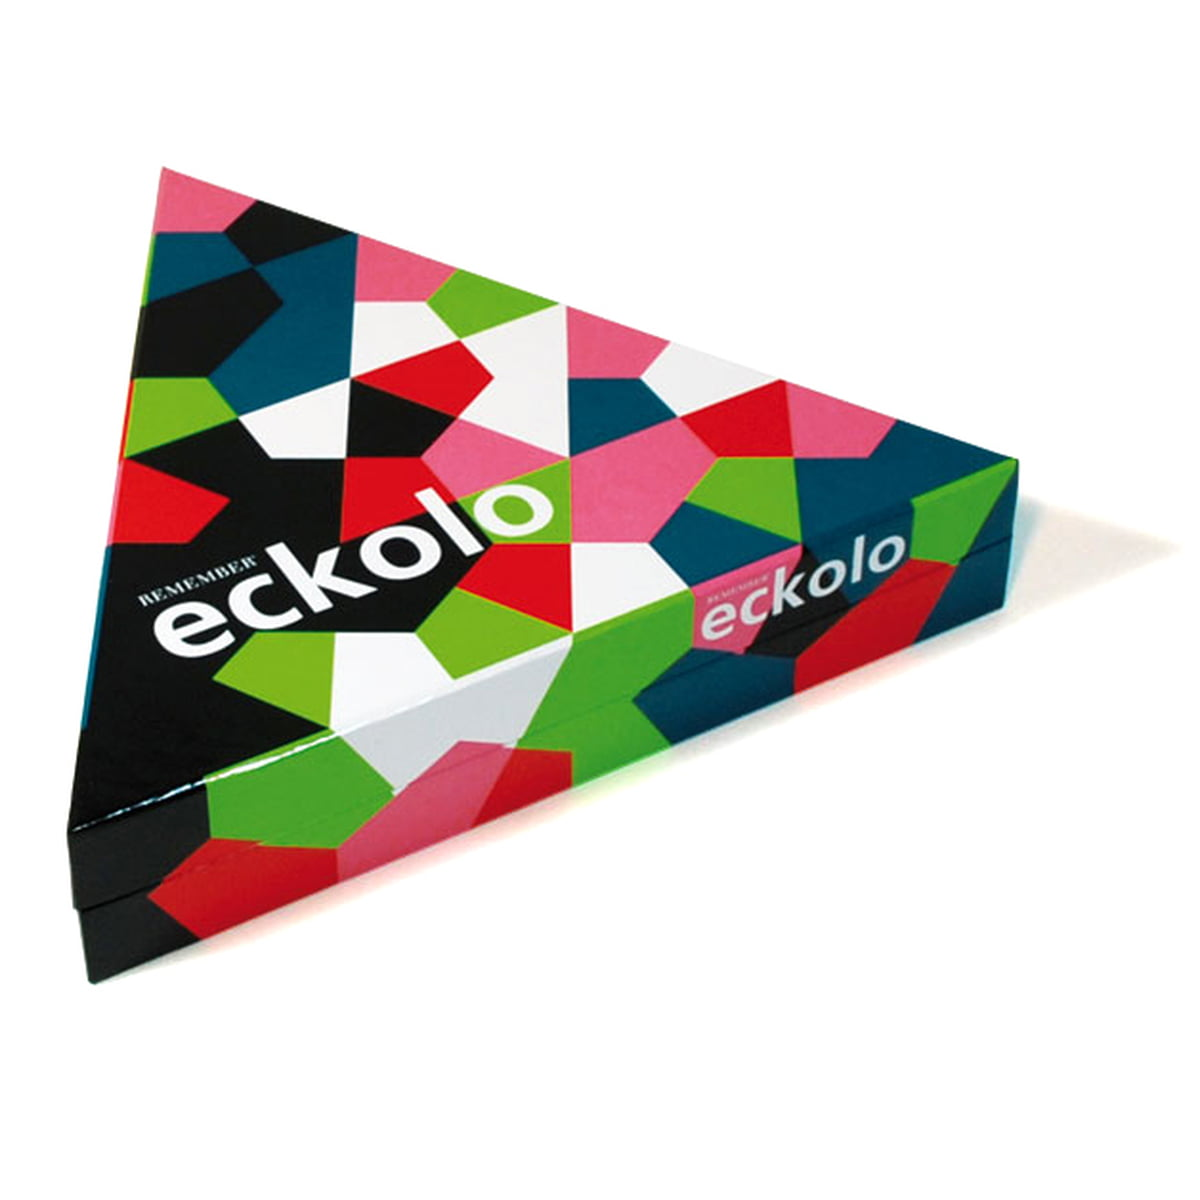 eckolo remember shop. Black Bedroom Furniture Sets. Home Design Ideas